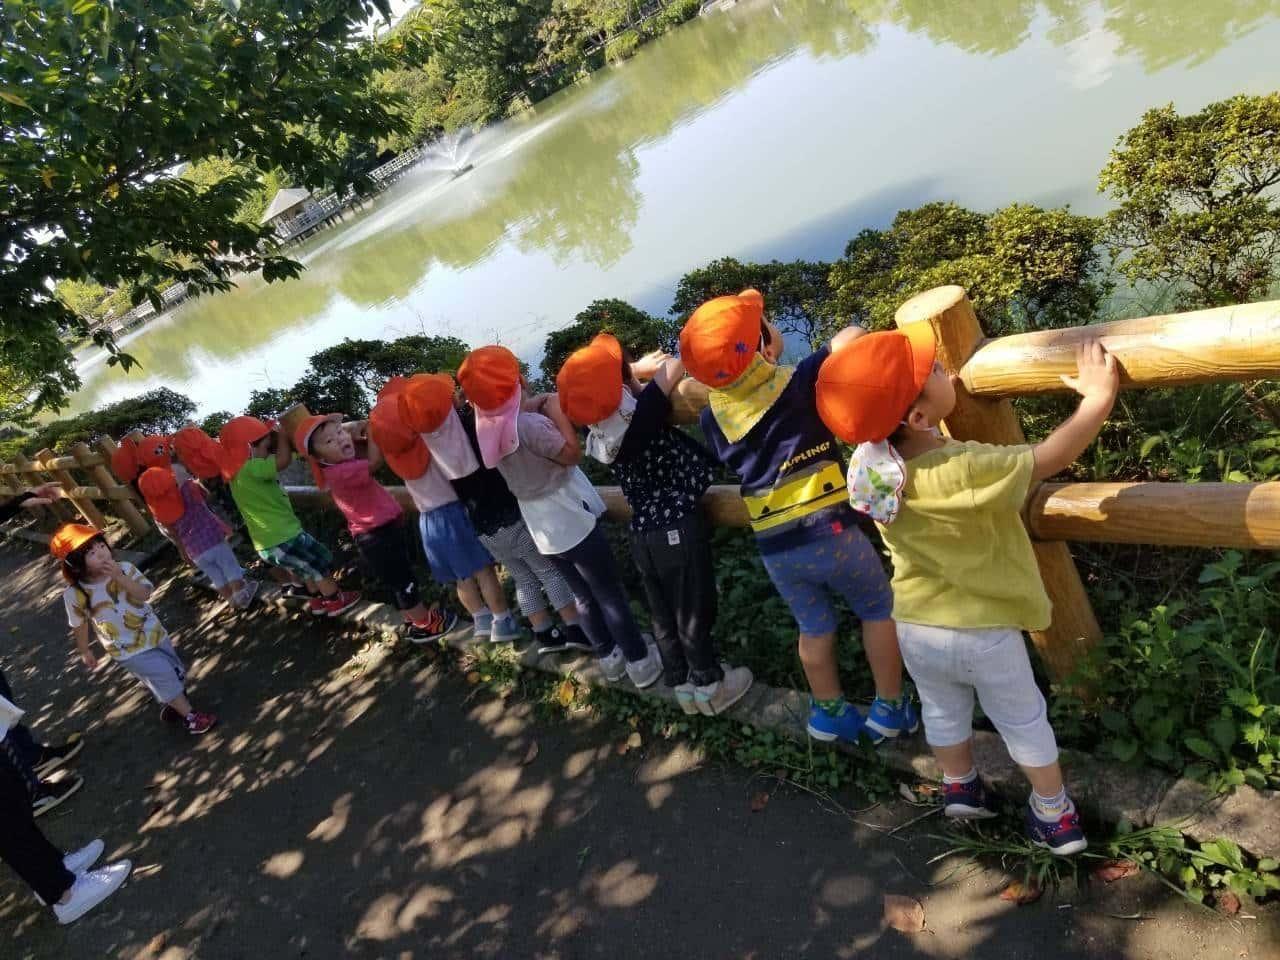 保護中: 9月🌾戸外遊び 長岡京園 キャッチ画像